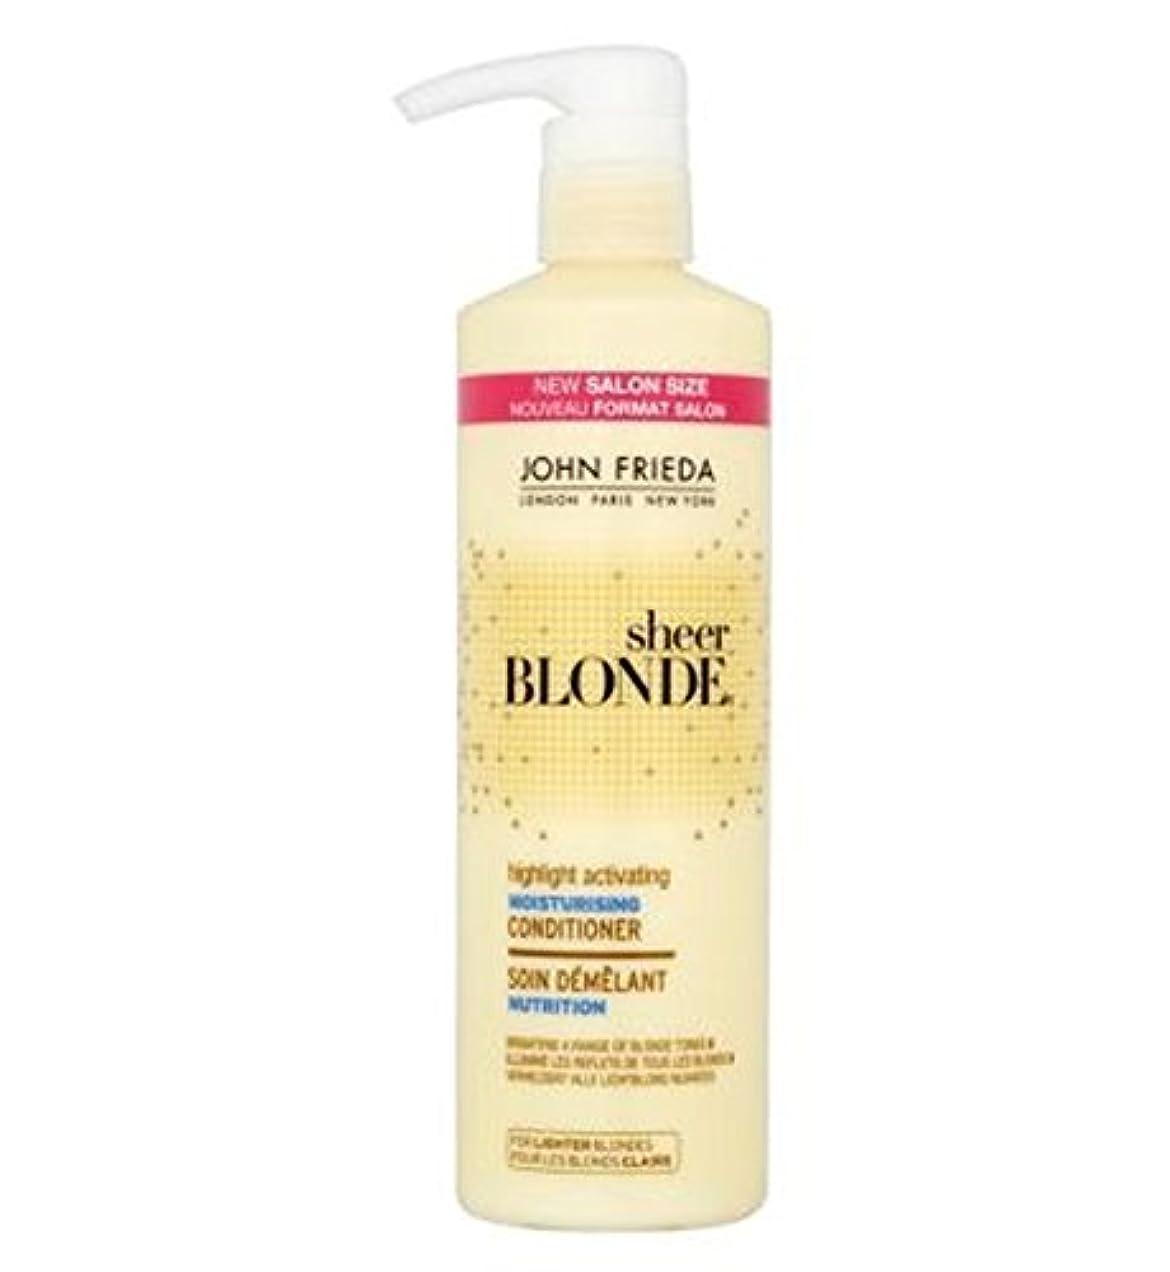 値生きているルールジョン?フリーダ薄手のブロンドのハイライト活性化保湿コンディショナー500ミリリットル (John Frieda) (x2) - John Frieda Sheer Blonde Highlight Activating...